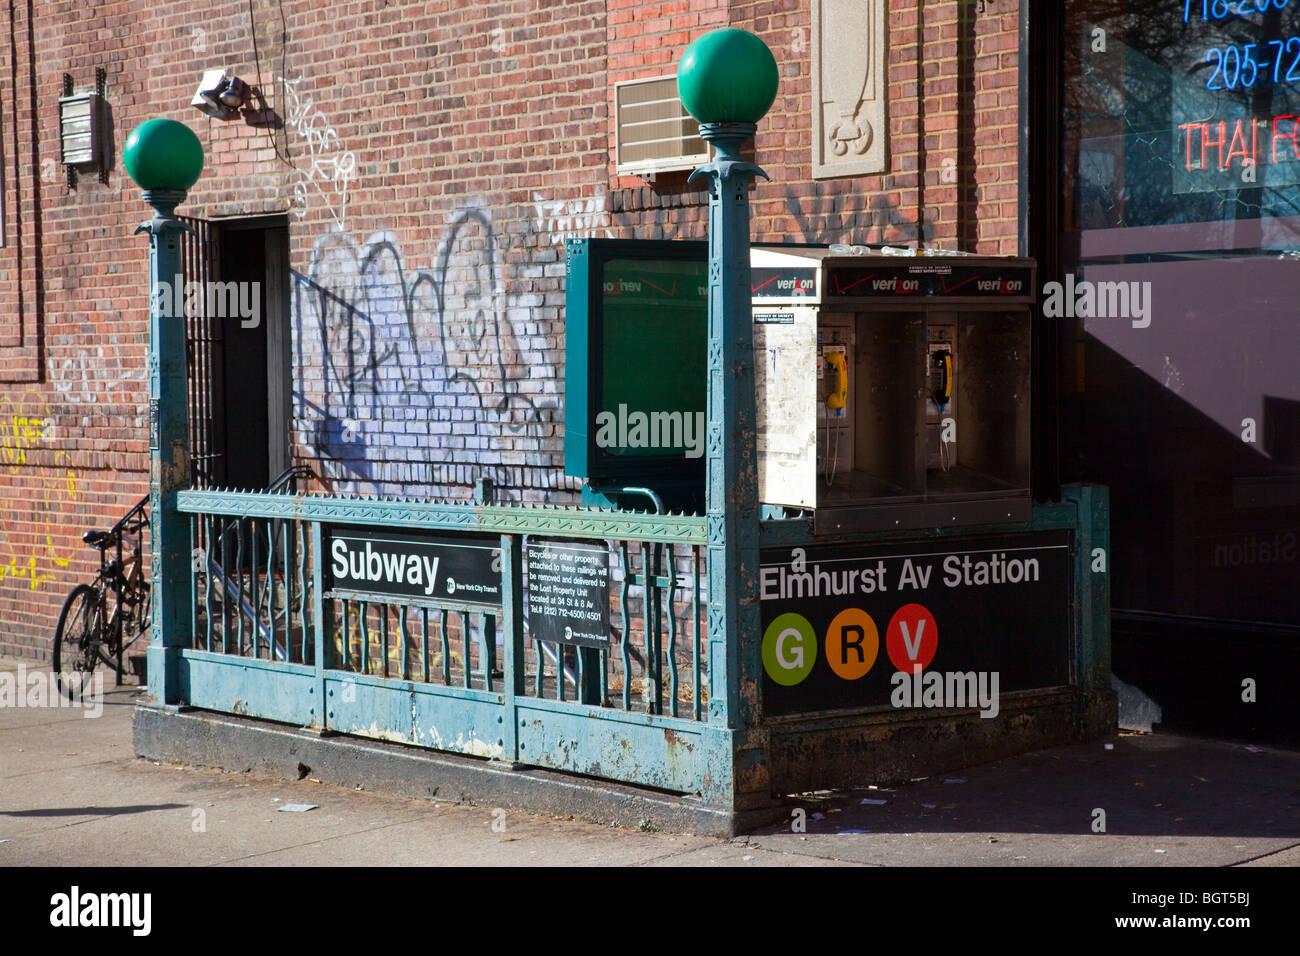 Graffiti wall in queens ny - Elmhurst Av Subway Station In Queens New York City Stock Image